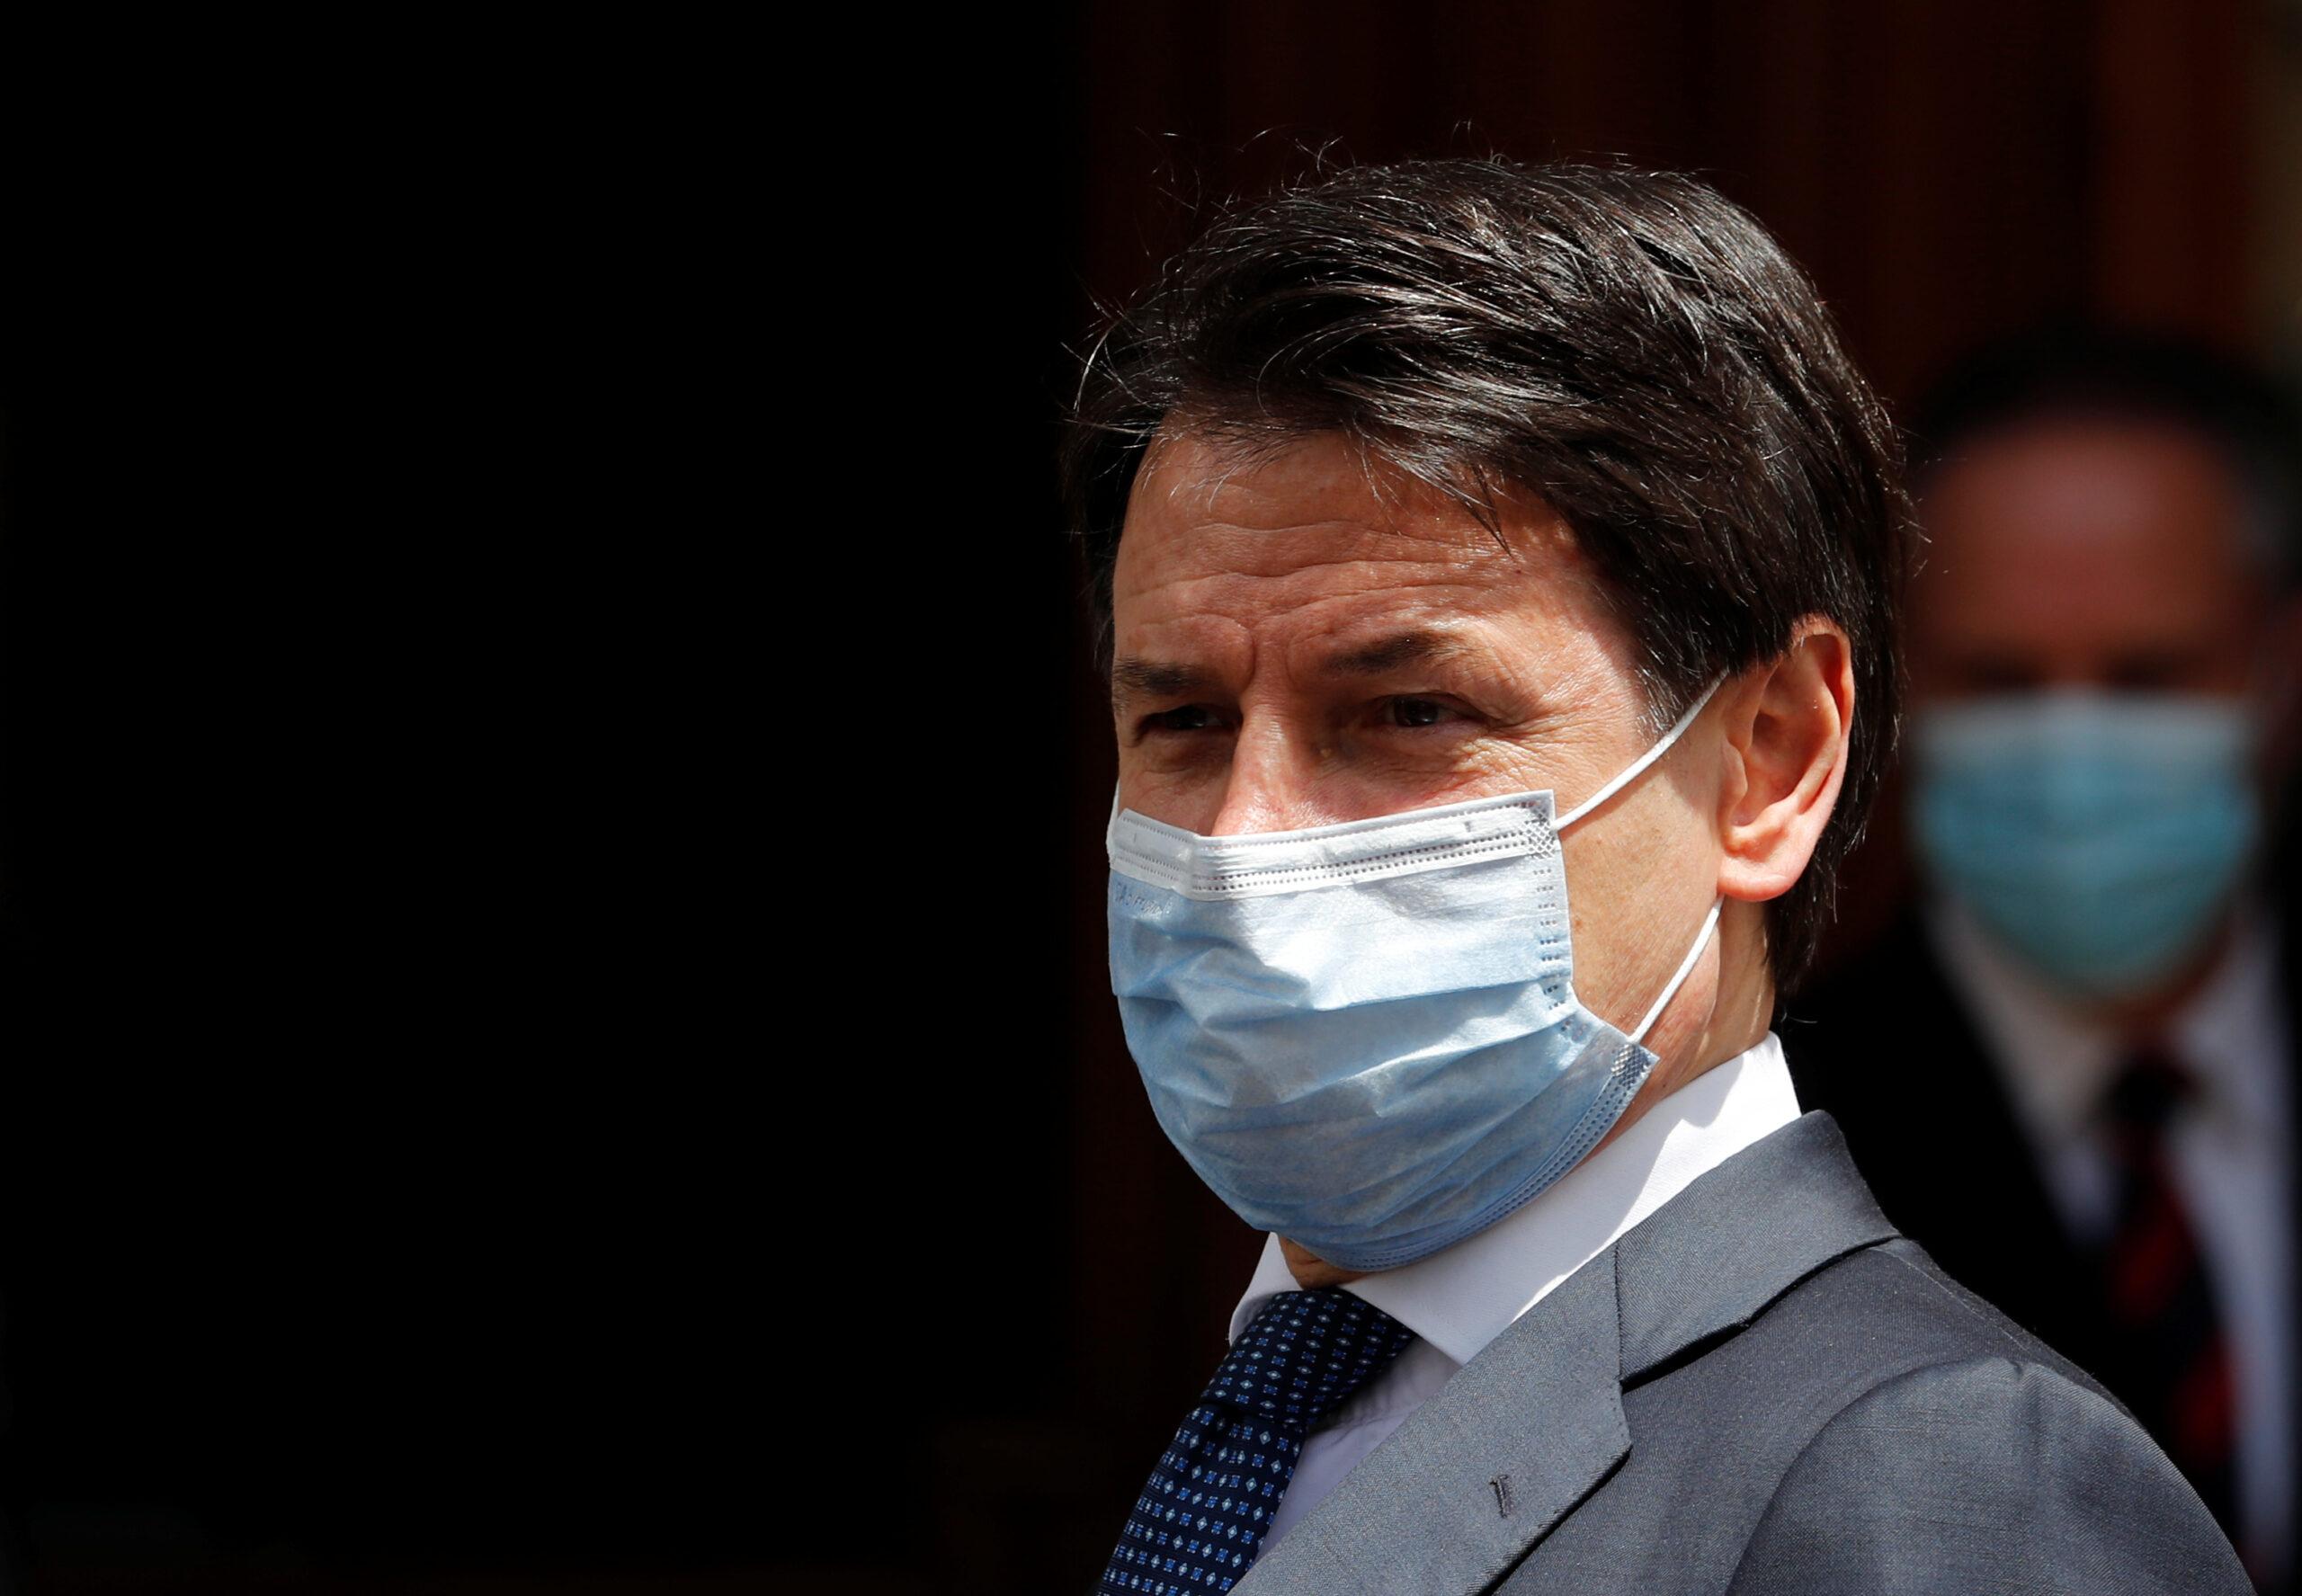 Italia-India: il lockdown non impedisce i contatti tra le imprese